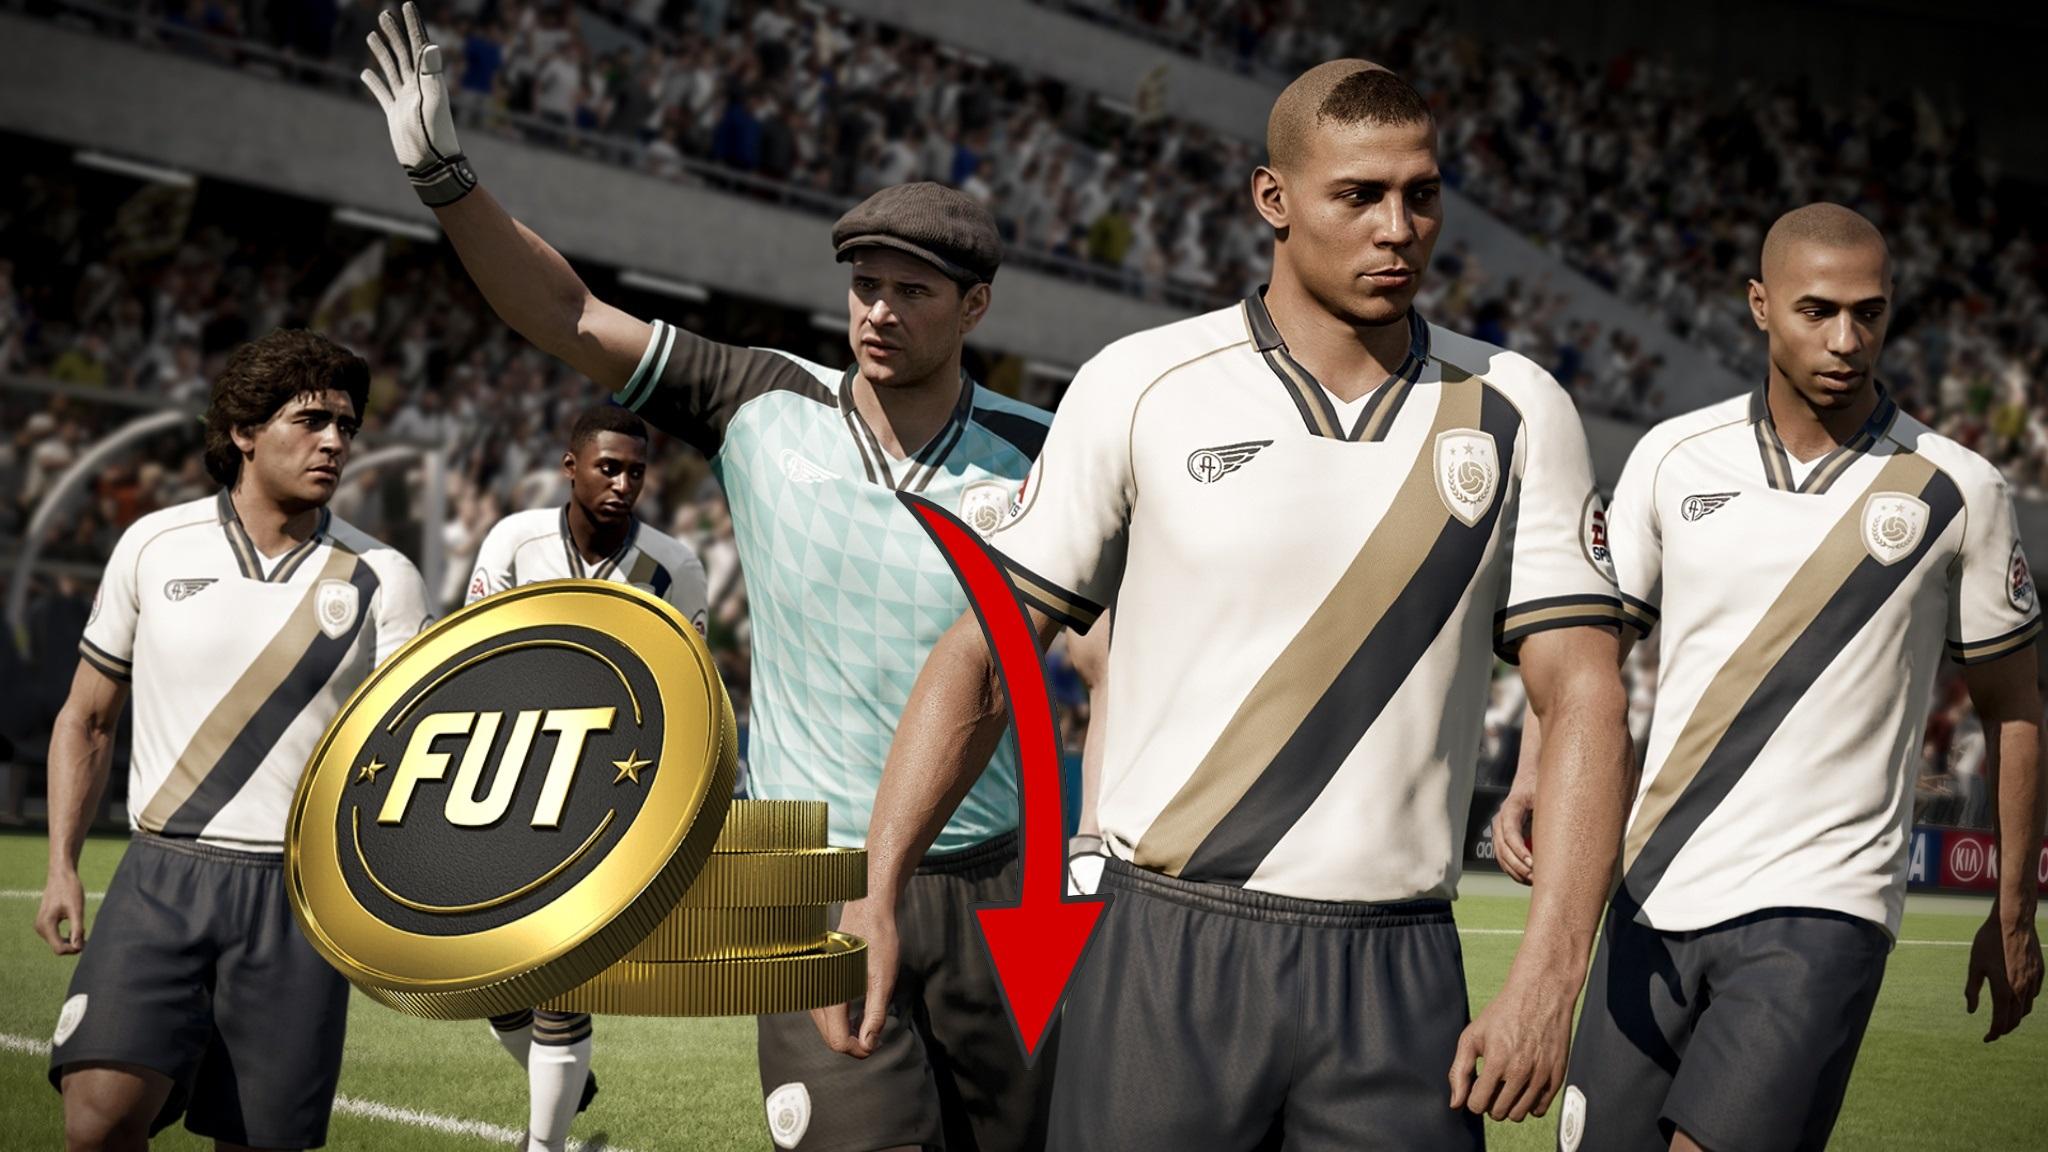 FIFA 18: Deshalb solltet ihr jetzt eure starken FUT-Karten verkaufen